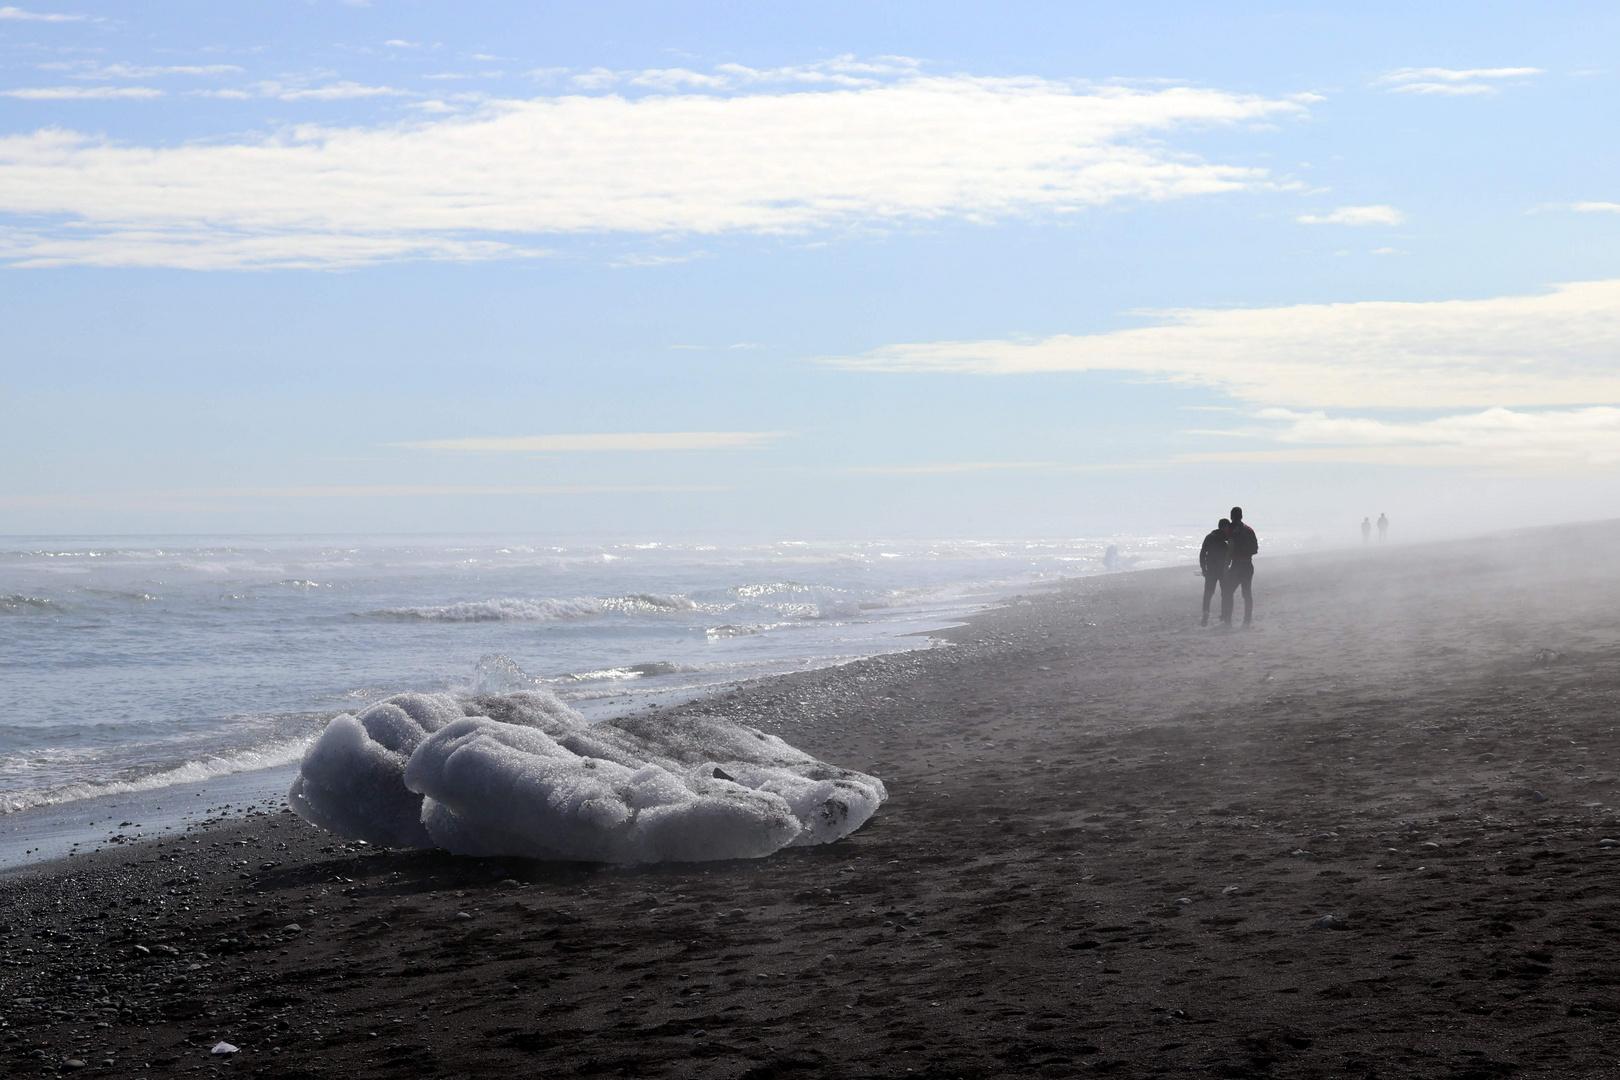 Un Iceberg échoué sur une plage noire